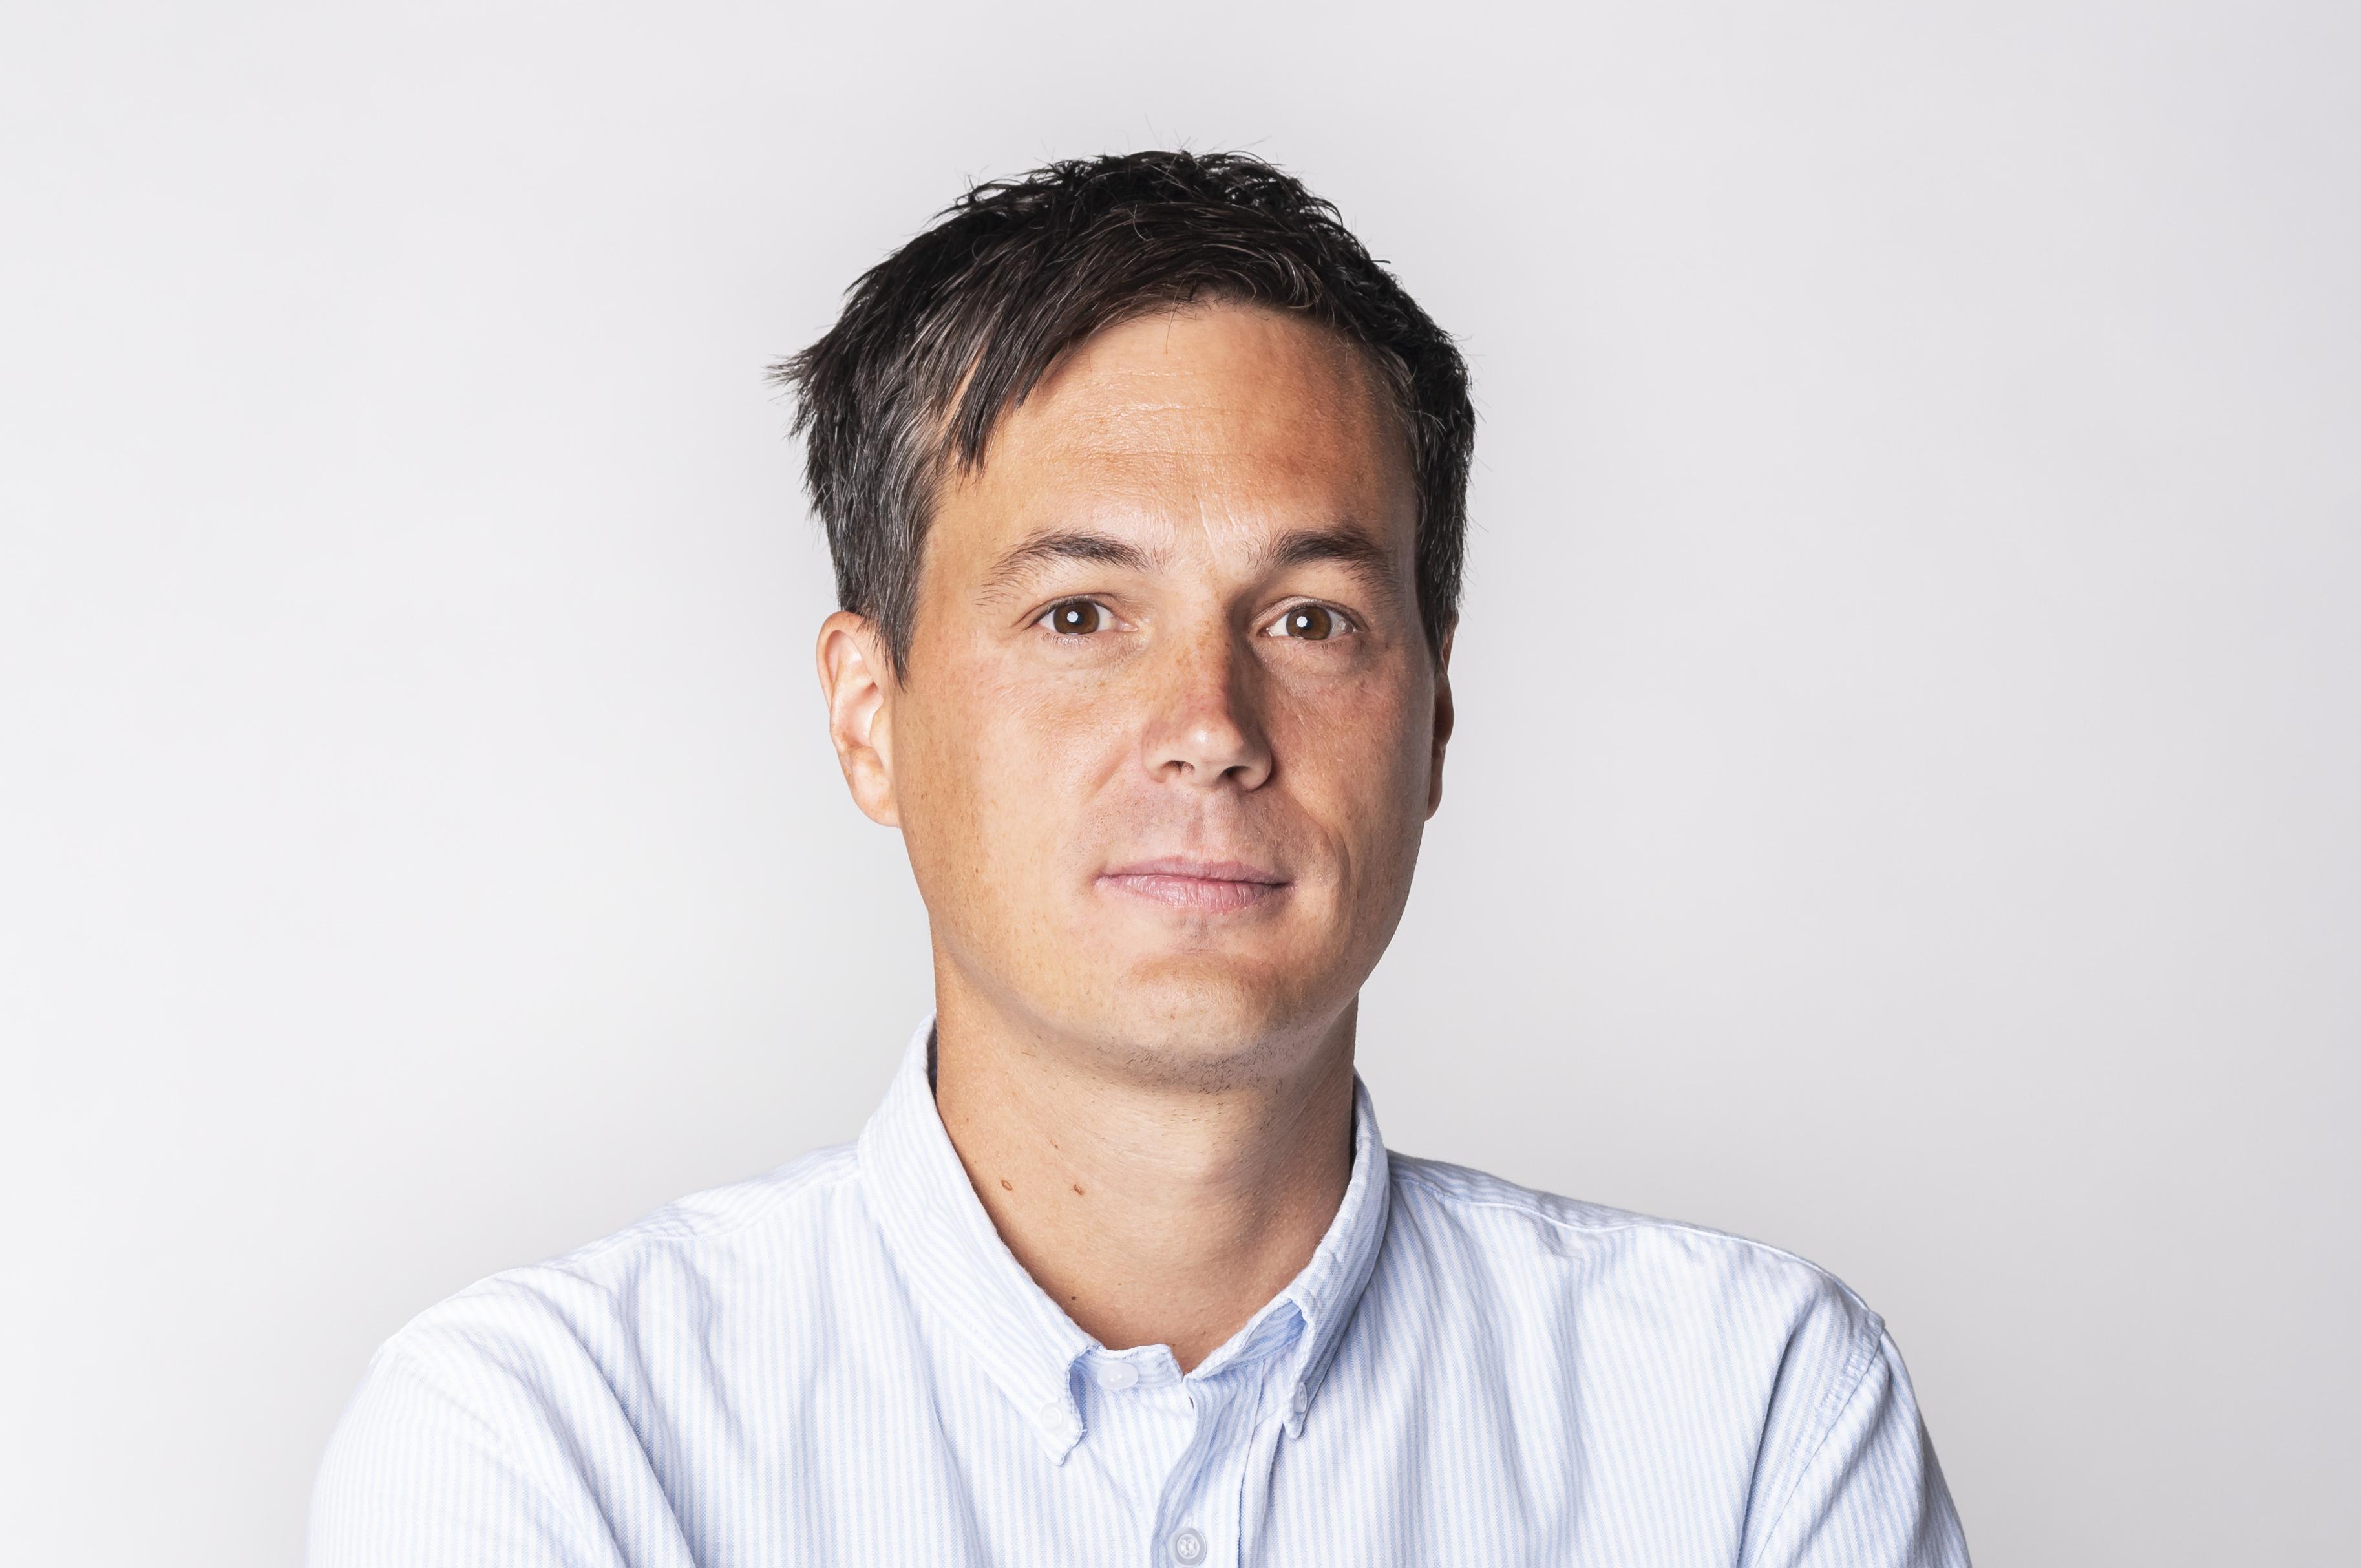 Utviklingsredaktør Øyvind Brenne i VG.